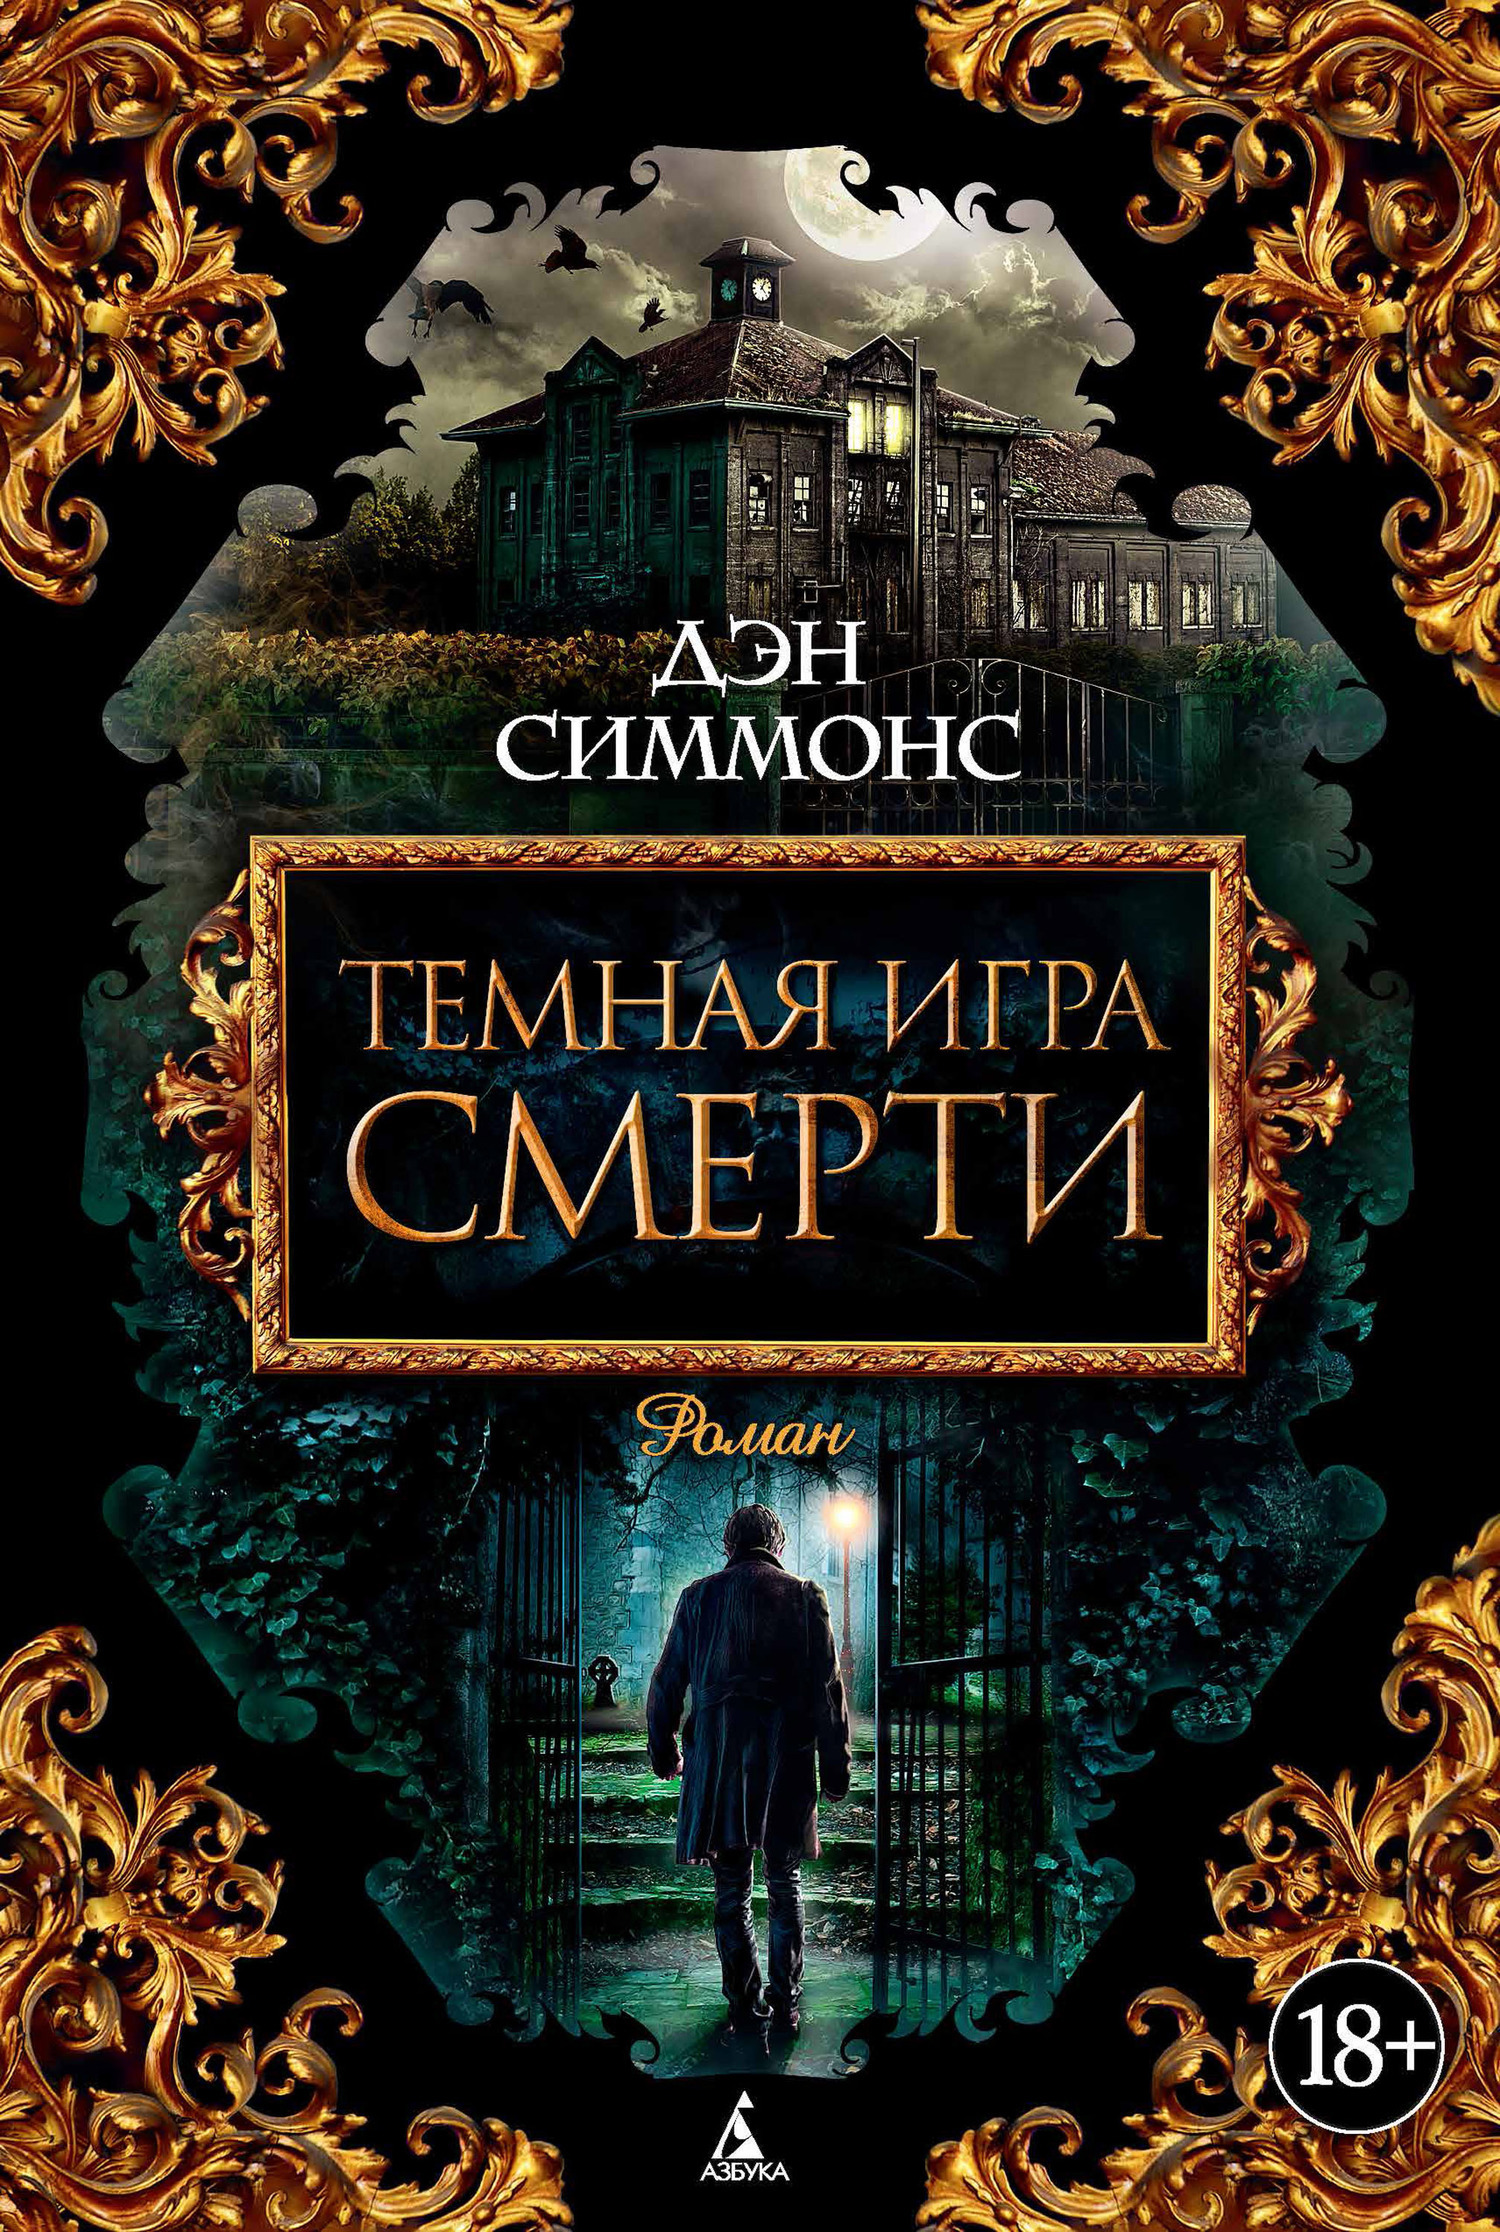 Книга Темная игра смерти